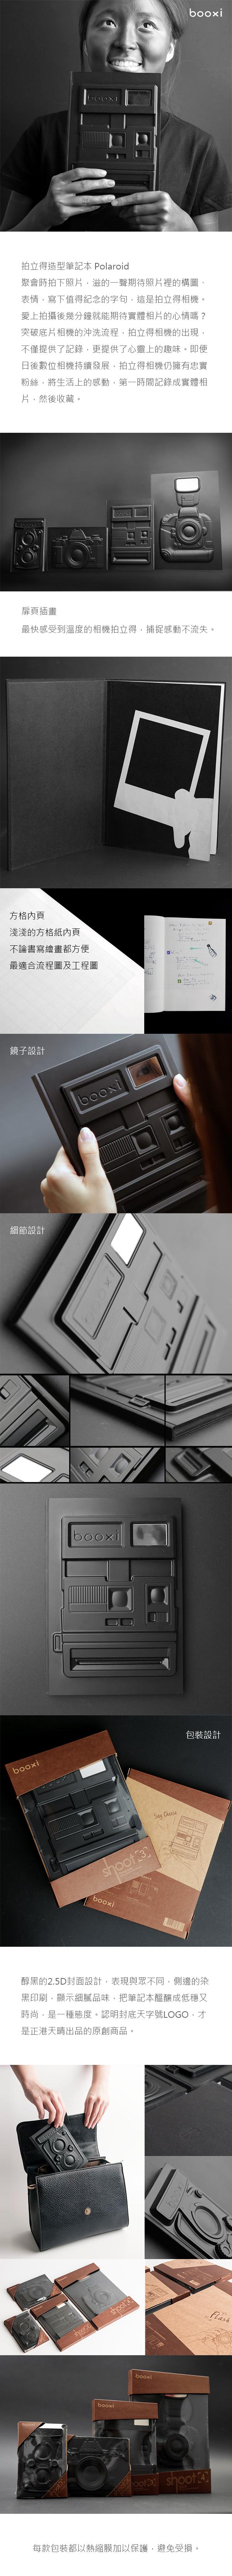 天晴設計 拍立得造型筆記本 Polaroid